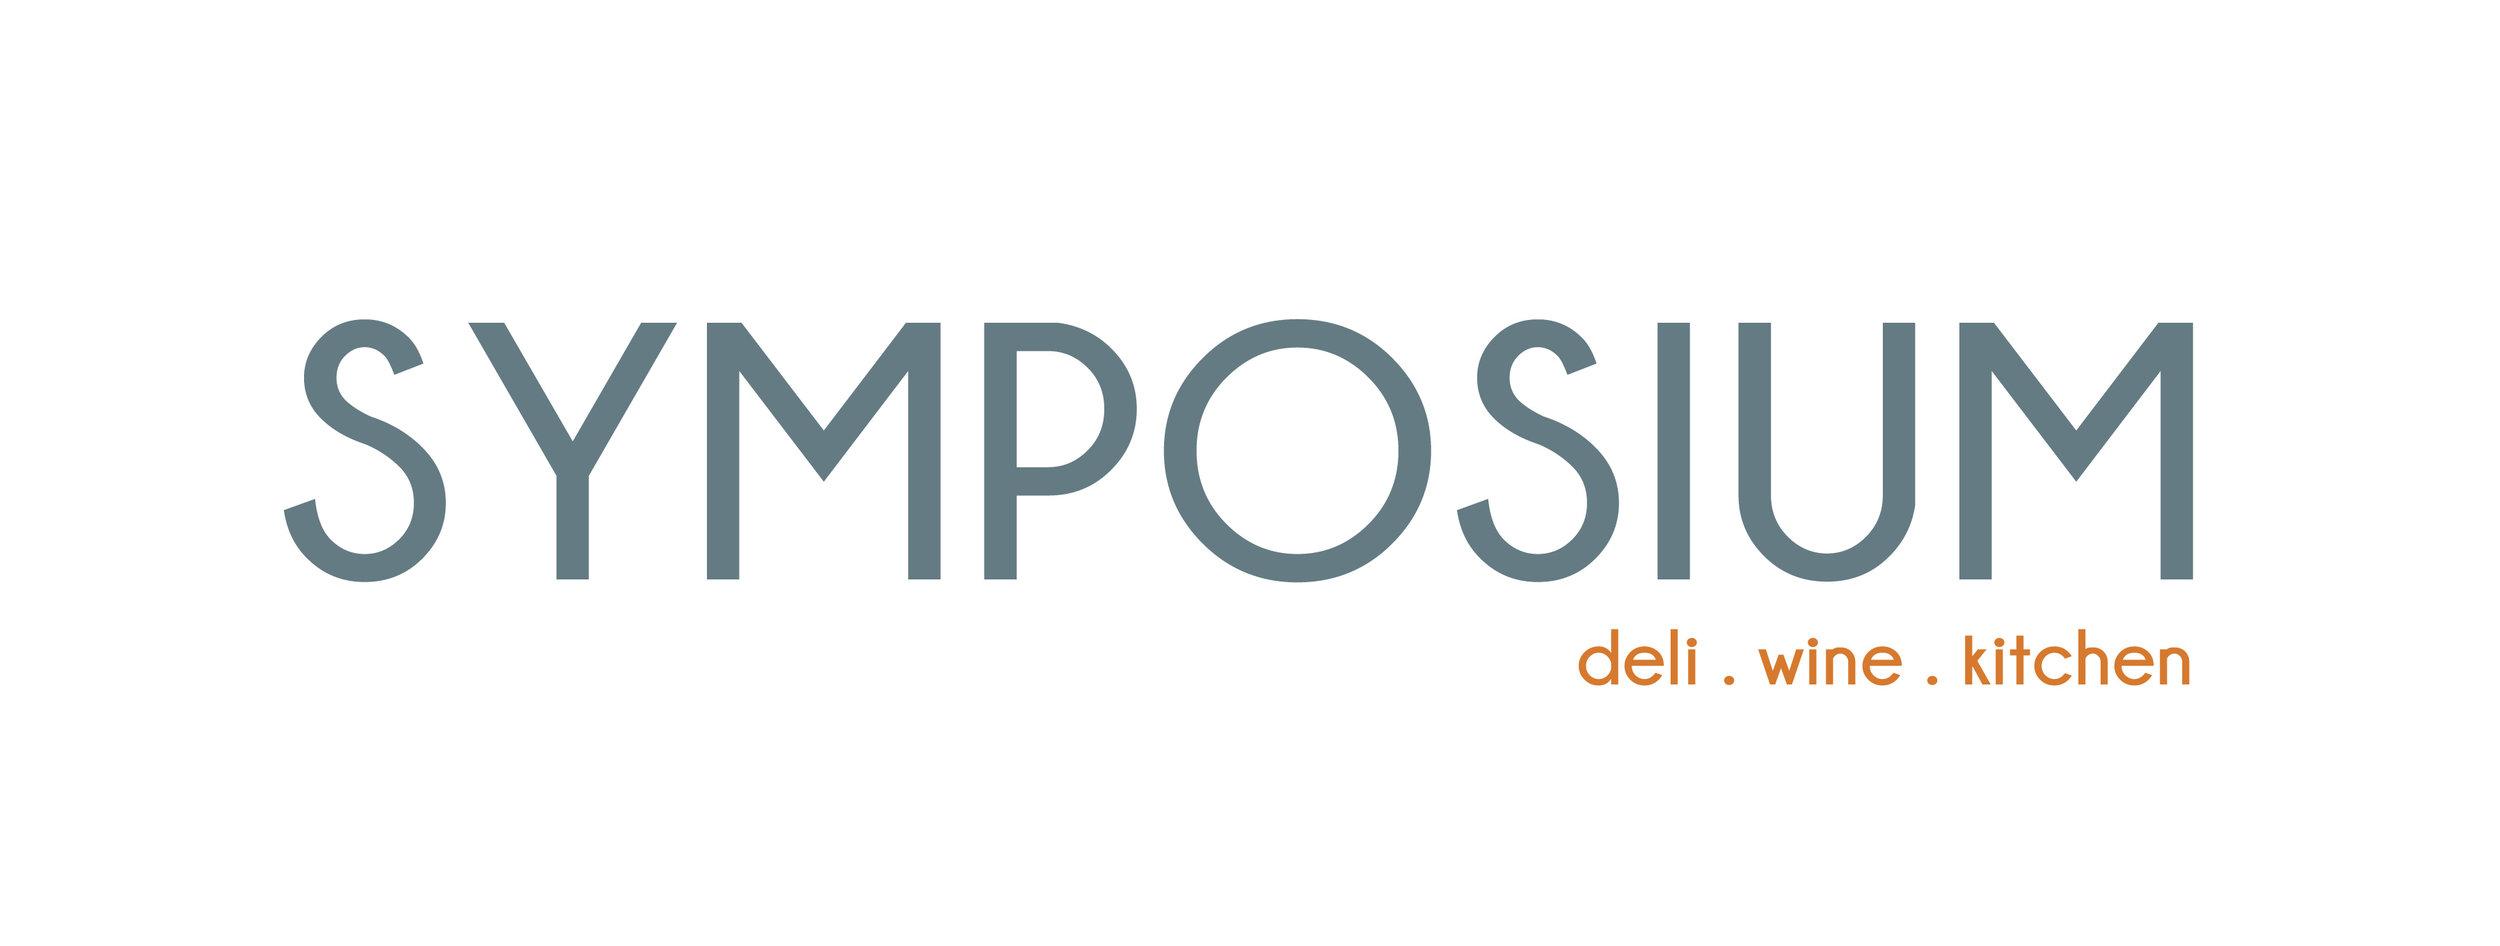 mailchimp-banner-symposium-01.jpg